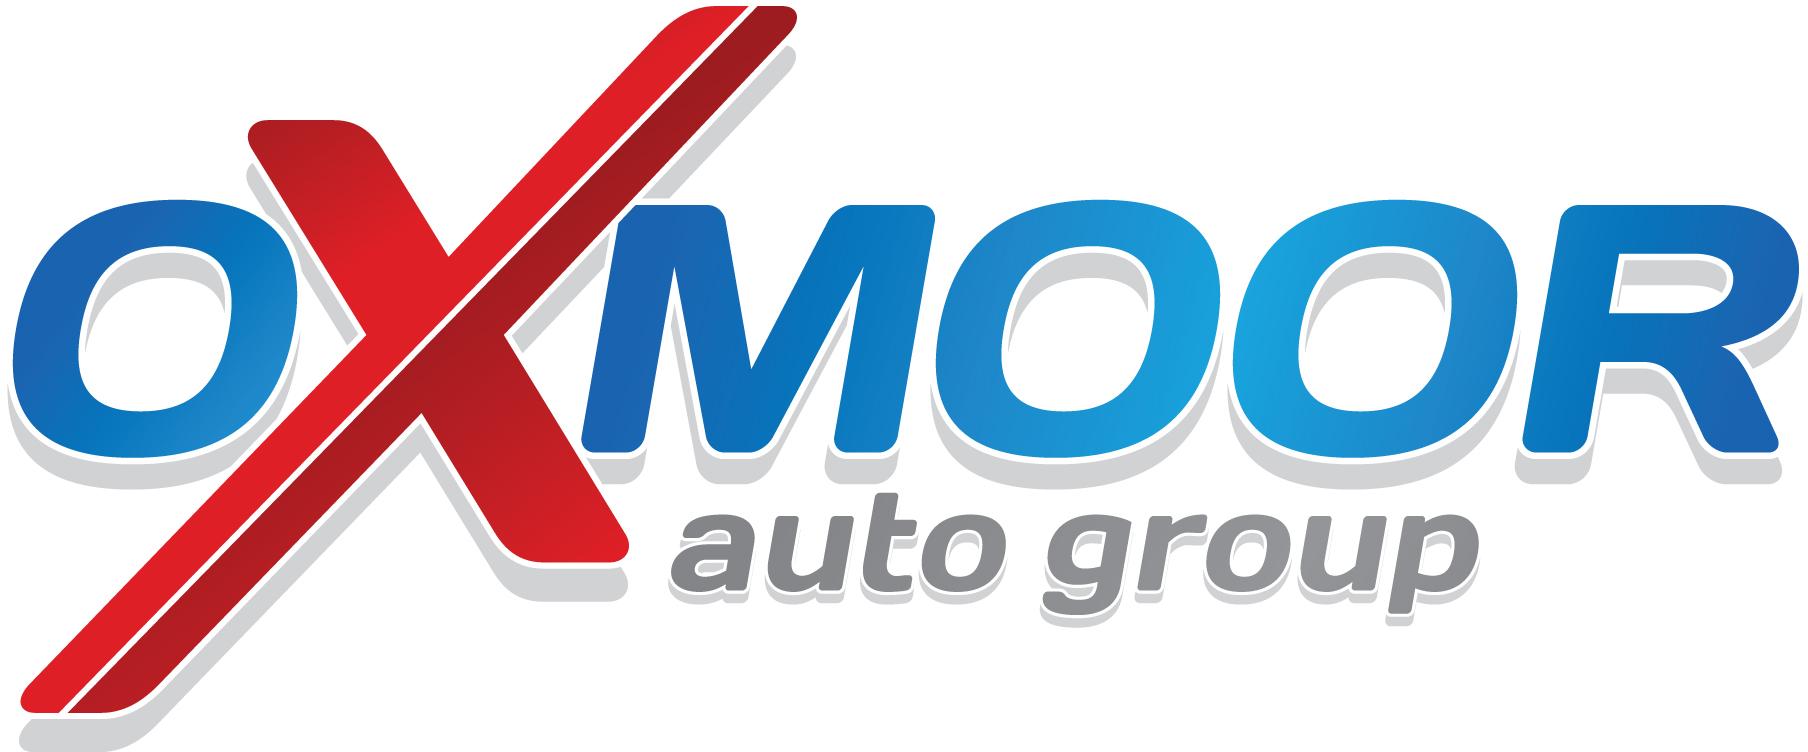 Oxmoor Auto Group Logo